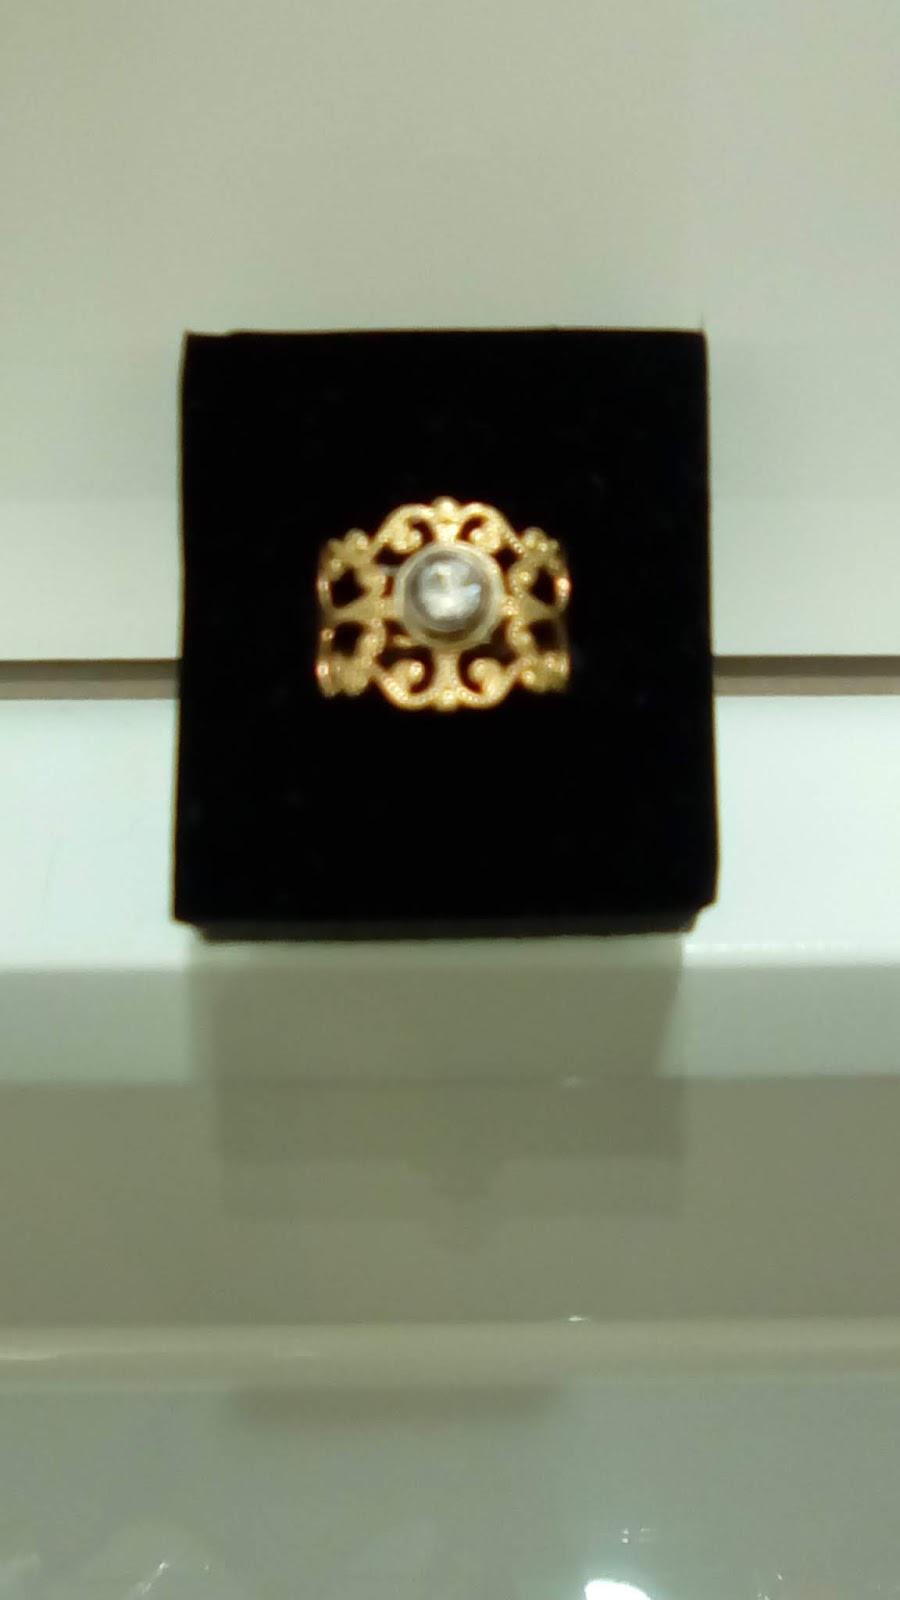 L Artigiano Del Lusso Bijoux bigiotteria artigianale di qualità made in italy